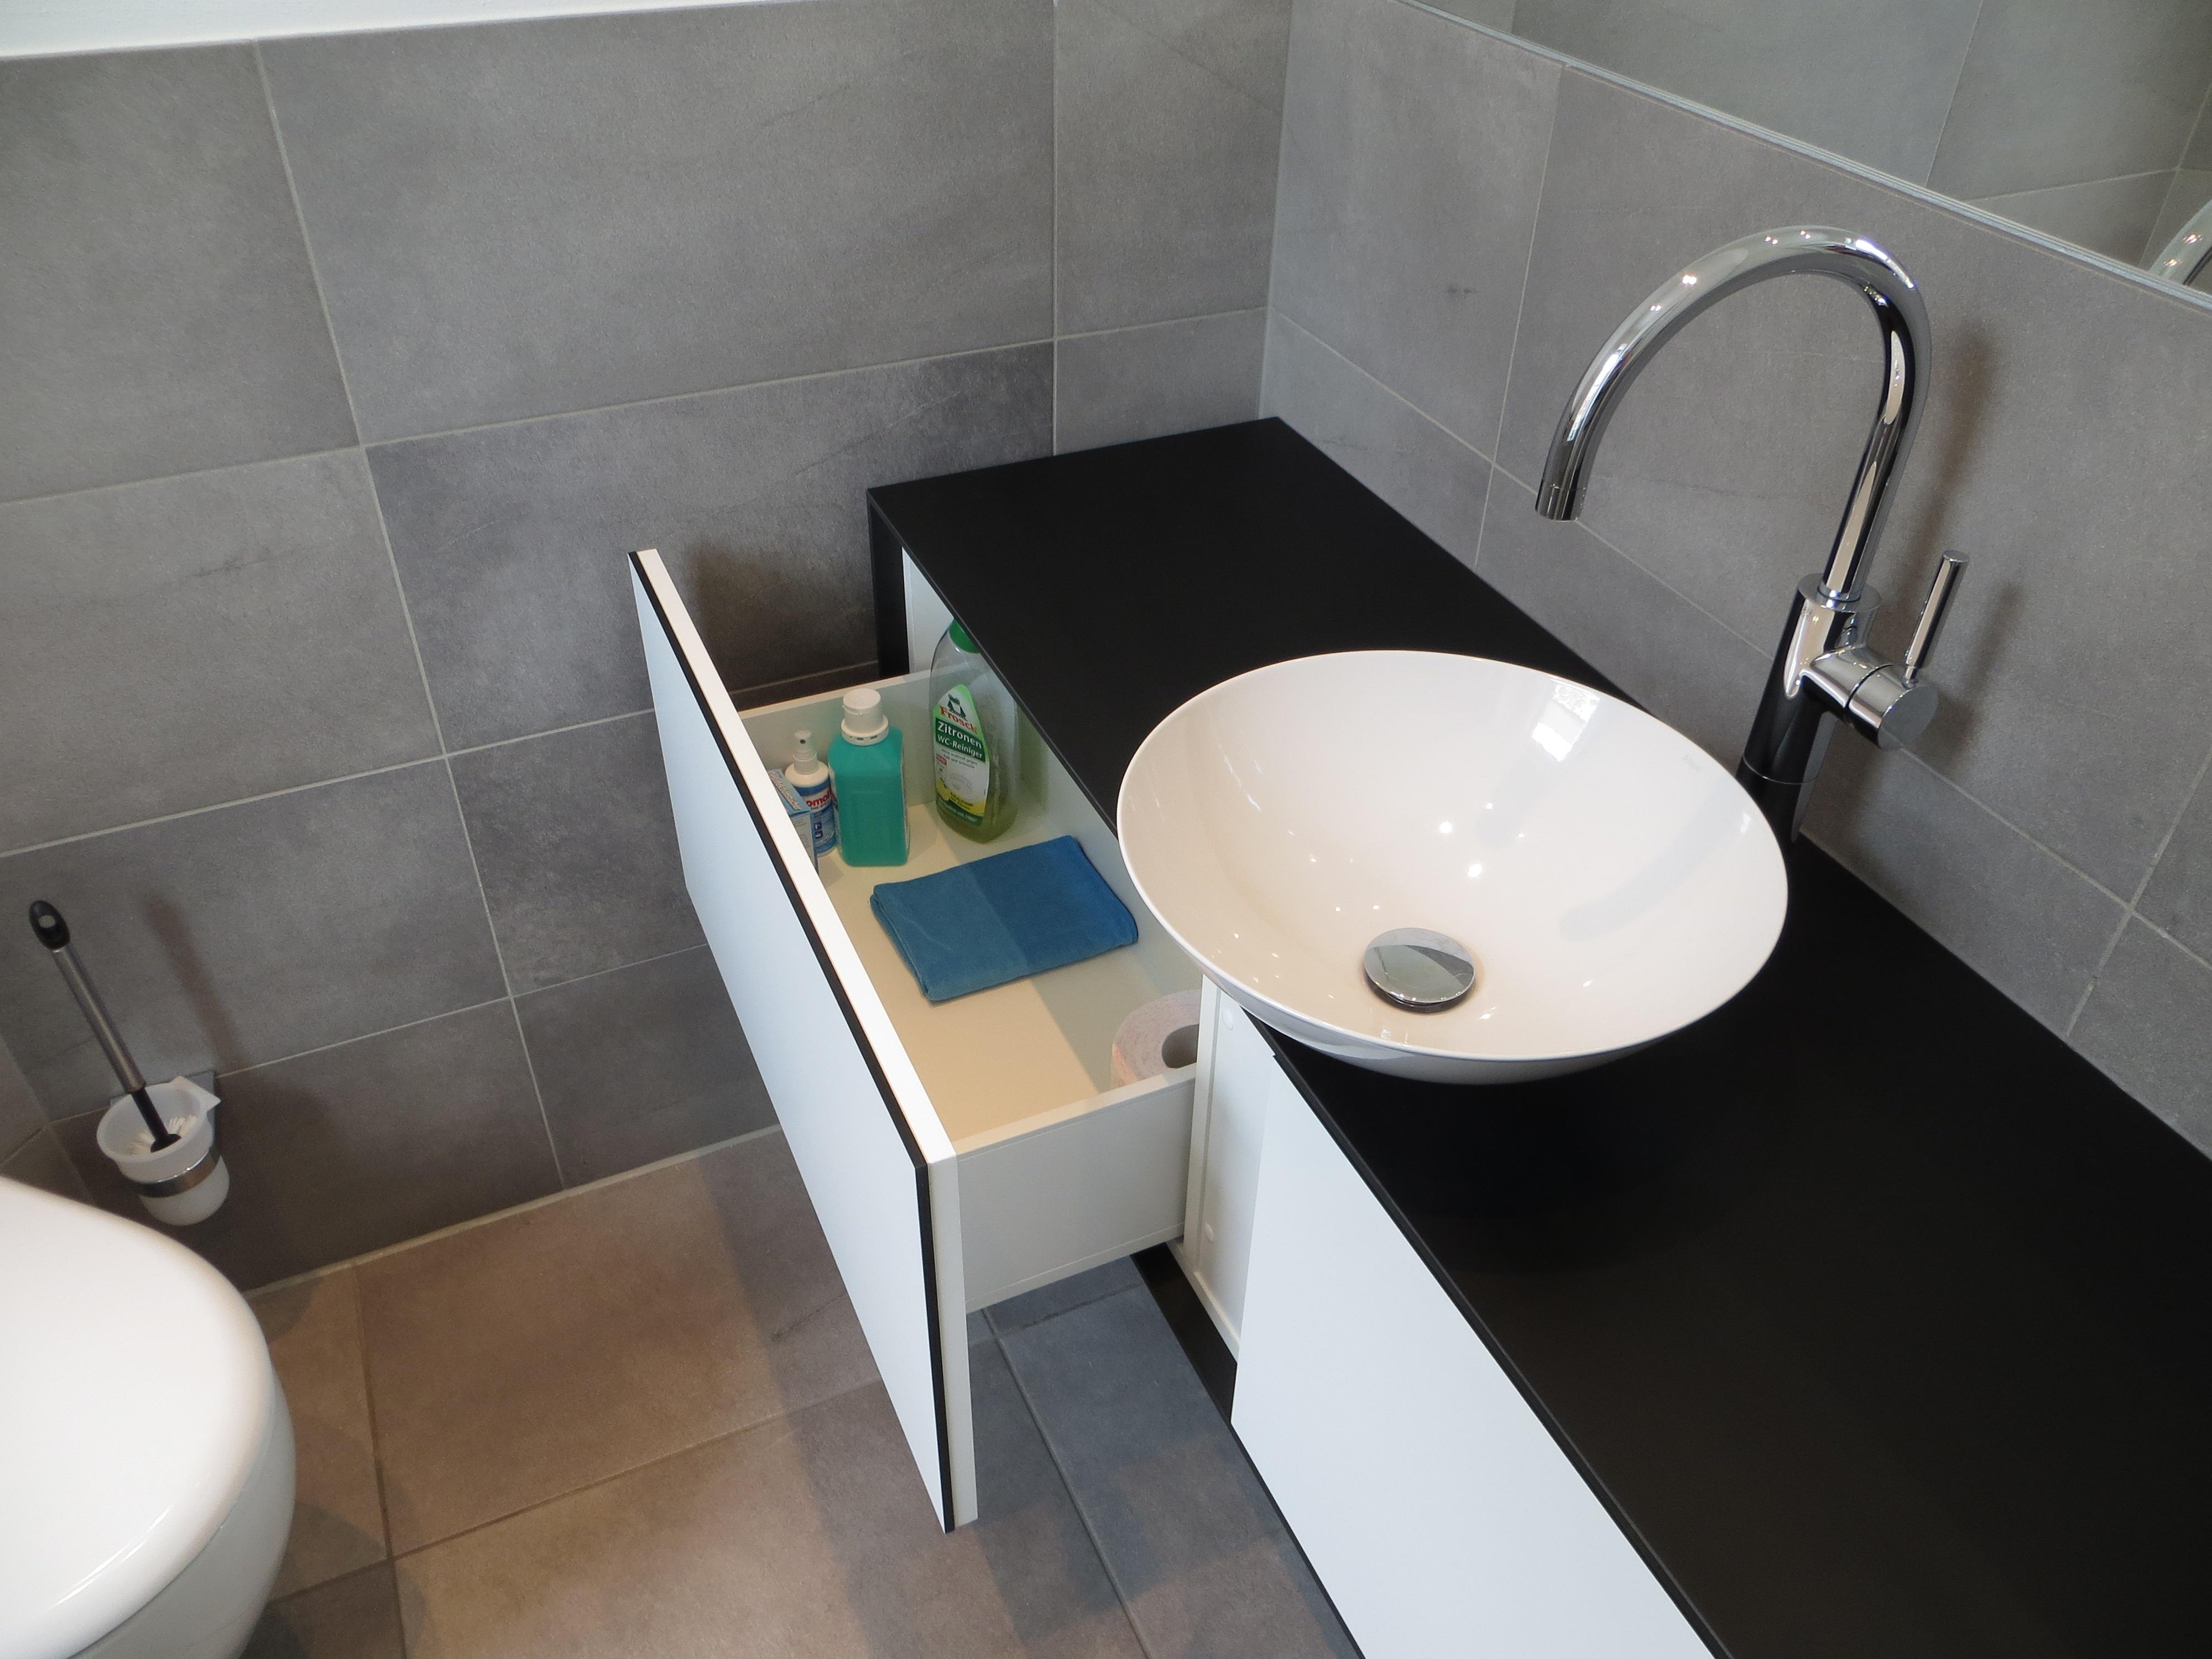 tischlerei schreinerei objekteinrichtungen sartor gmbh einbruchschutz glaser in 44575 castrop. Black Bedroom Furniture Sets. Home Design Ideas